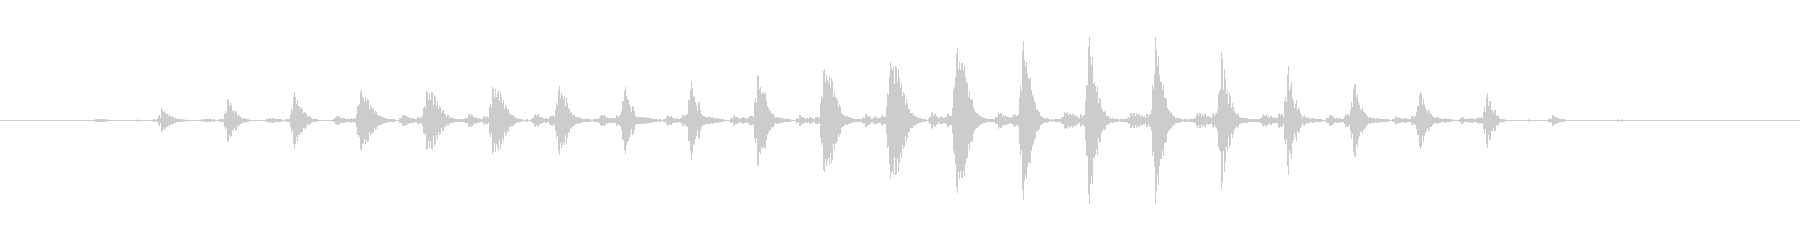 パワーダウン効果音 おかしな音 楽しい音の未再生の波形